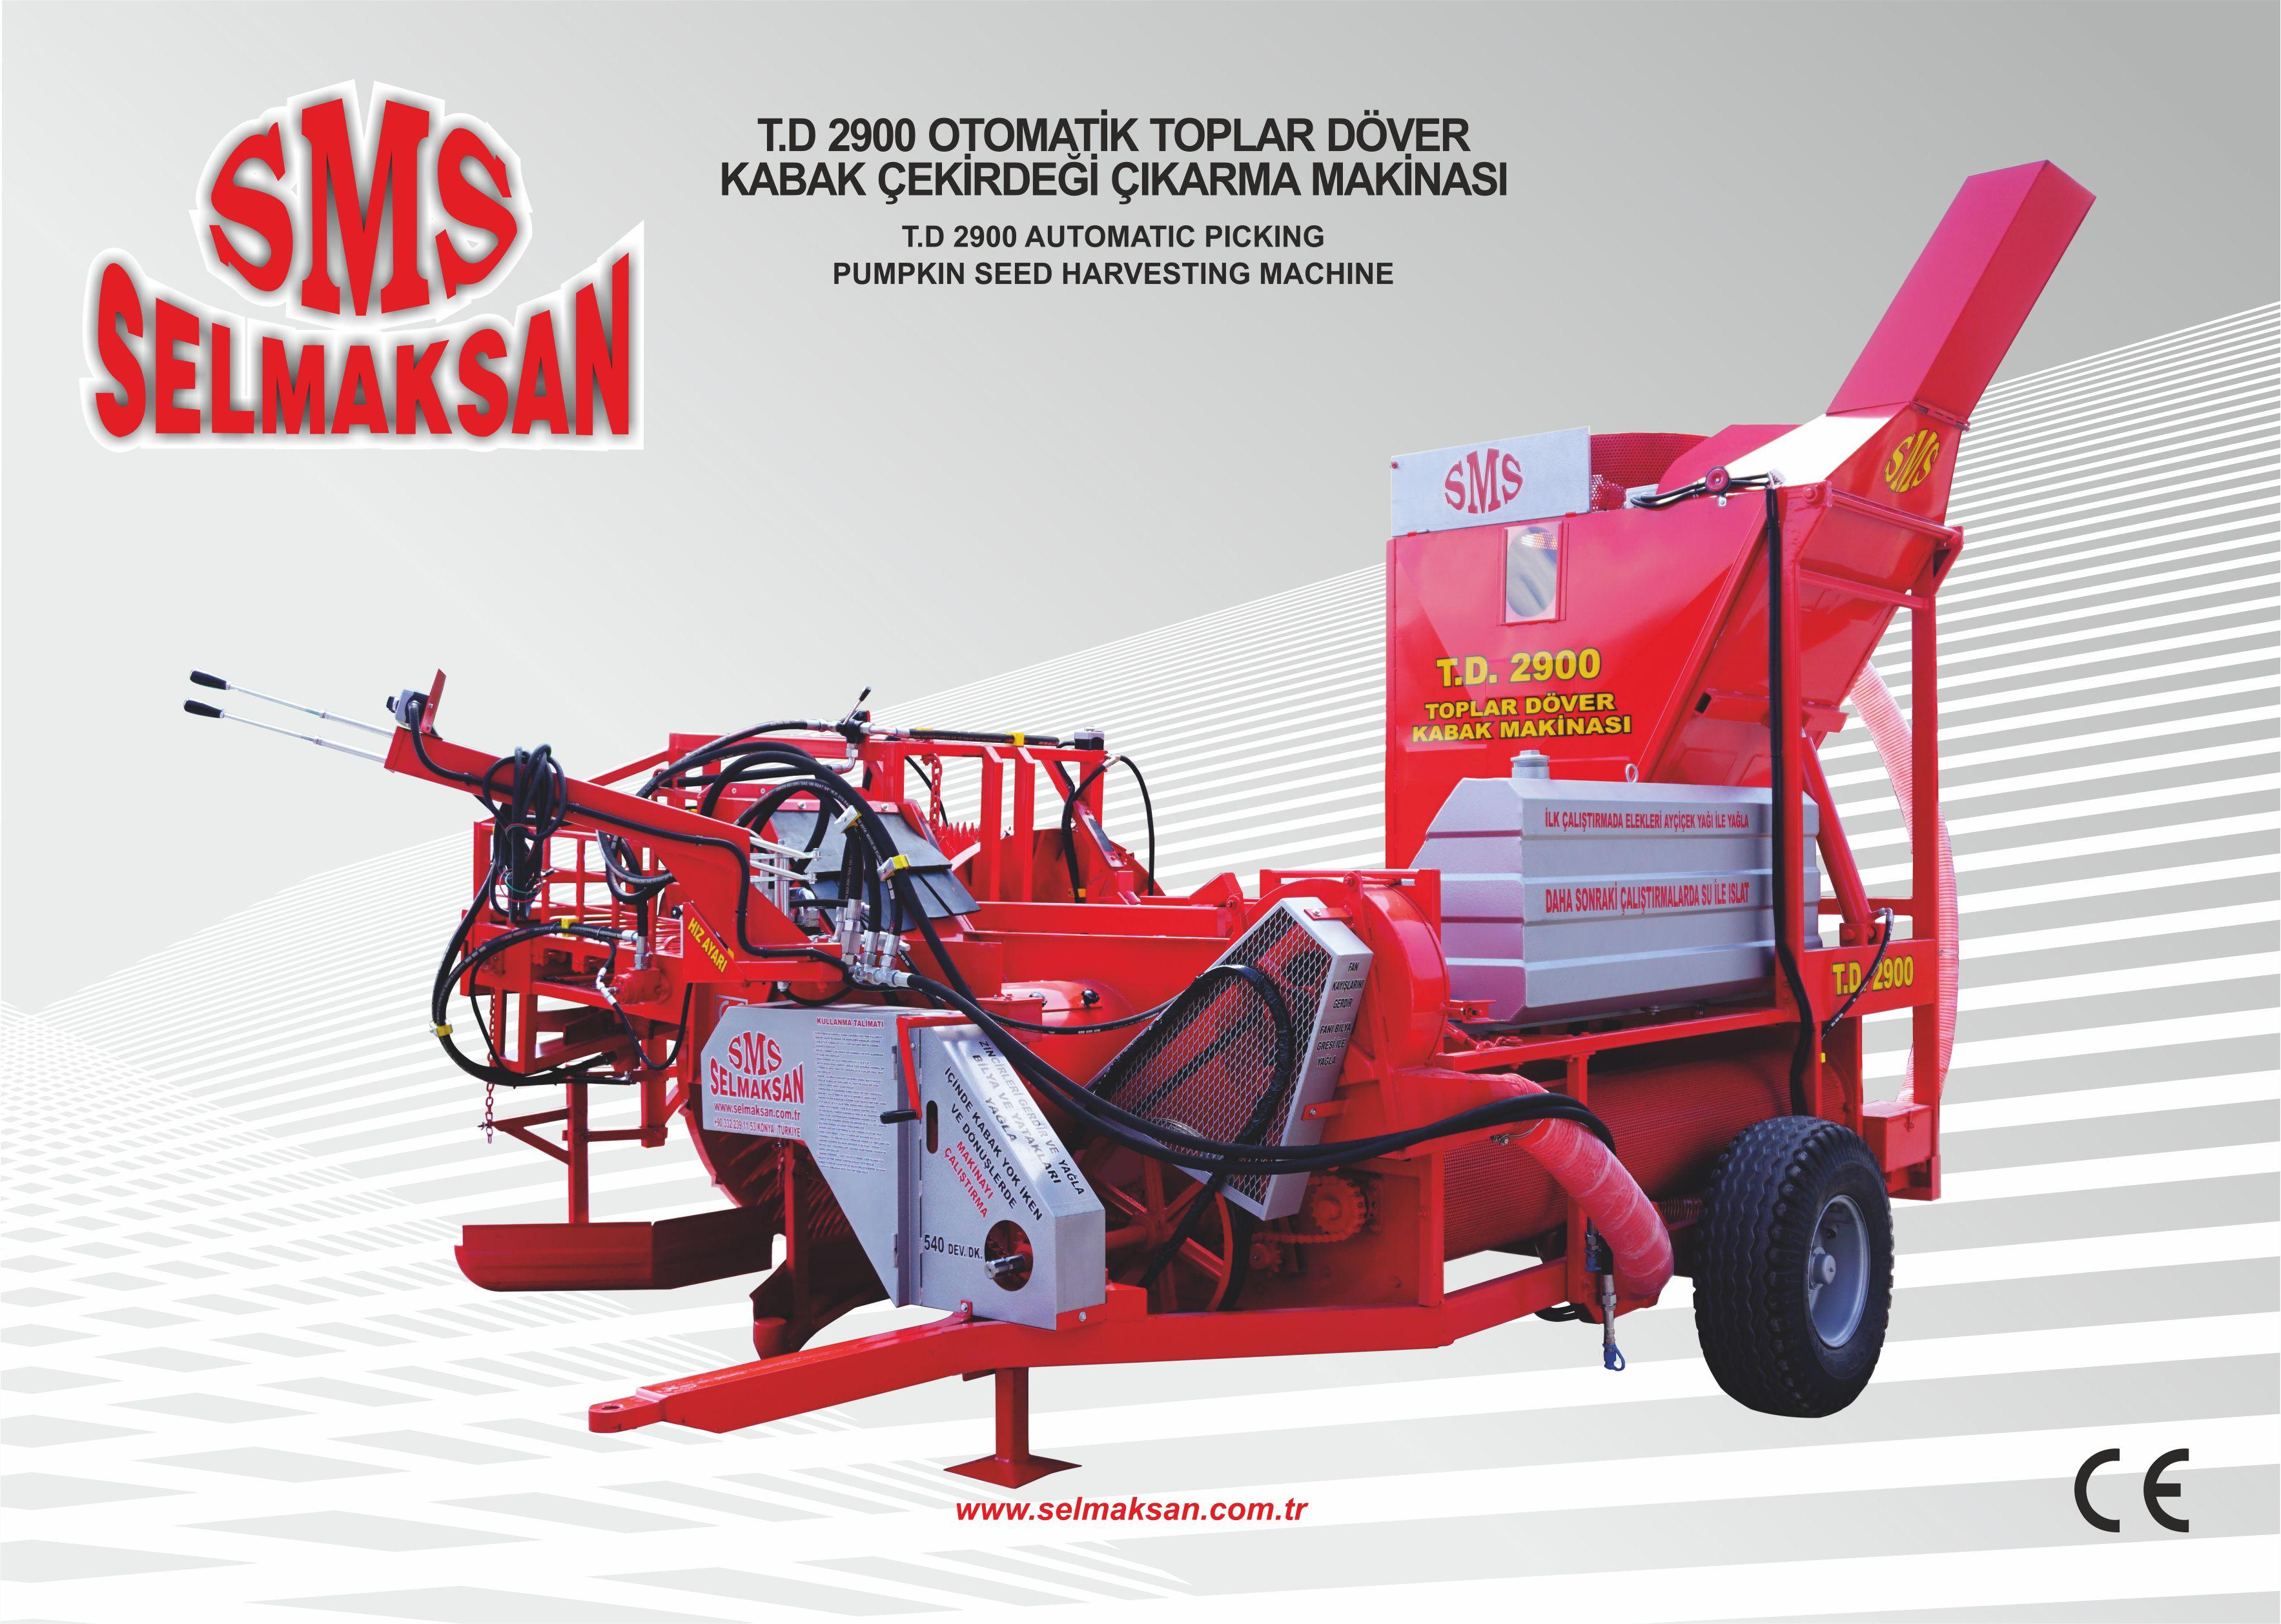 T.D 2900-Otomatik Toplar Döver Kabak Çekirdeği Çıkarma Makinesi_detail_0